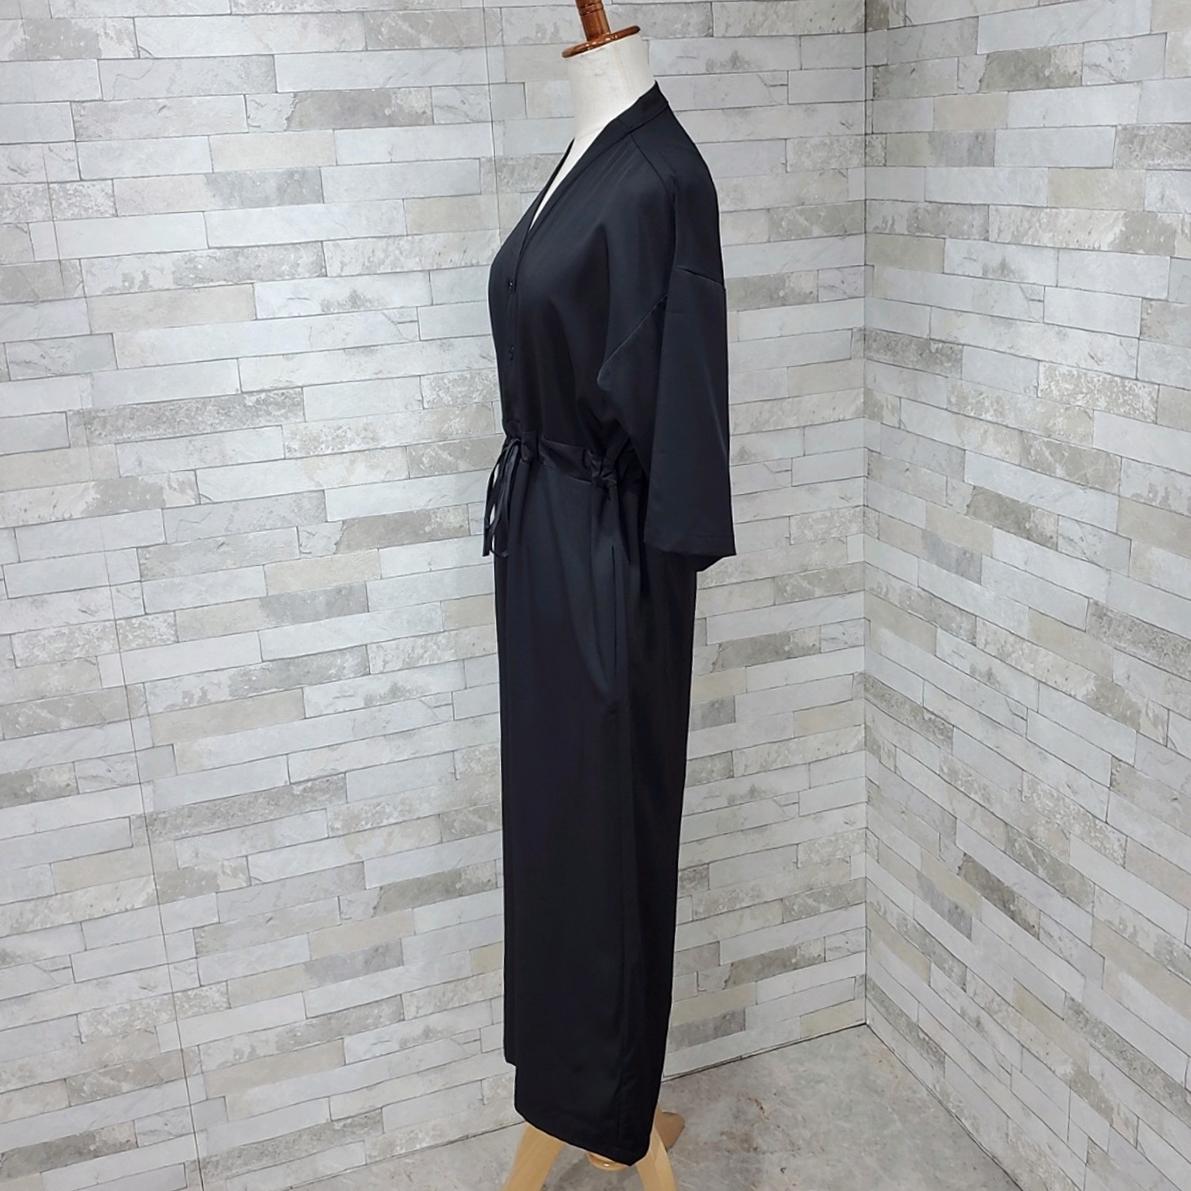 韓国 ファッション オールインワン サロペット 春 夏 カジュアル PTXF271  ドロップショルダー Vネック 七分袖 ワイド 九分丈パンツ リゾート モード オルチャン シンプル 定番 セレカジの写真18枚目